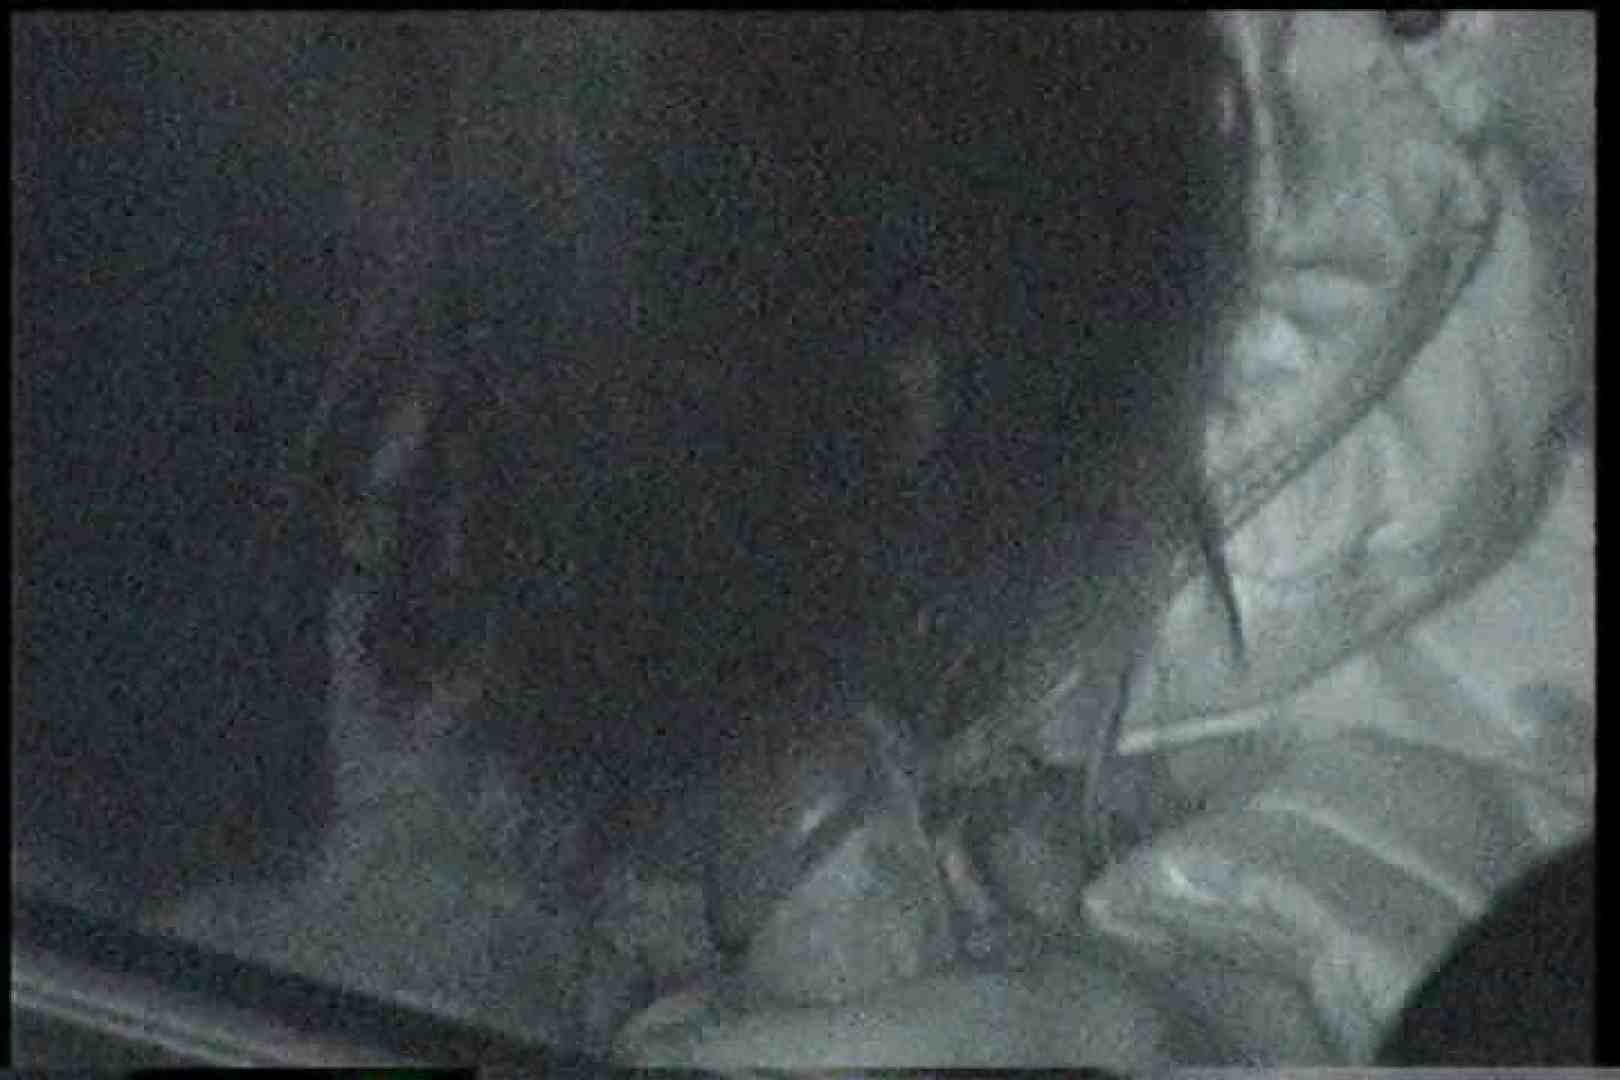 充血監督の深夜の運動会Vol.165 OLエロ画像 | 0  105PICs 33